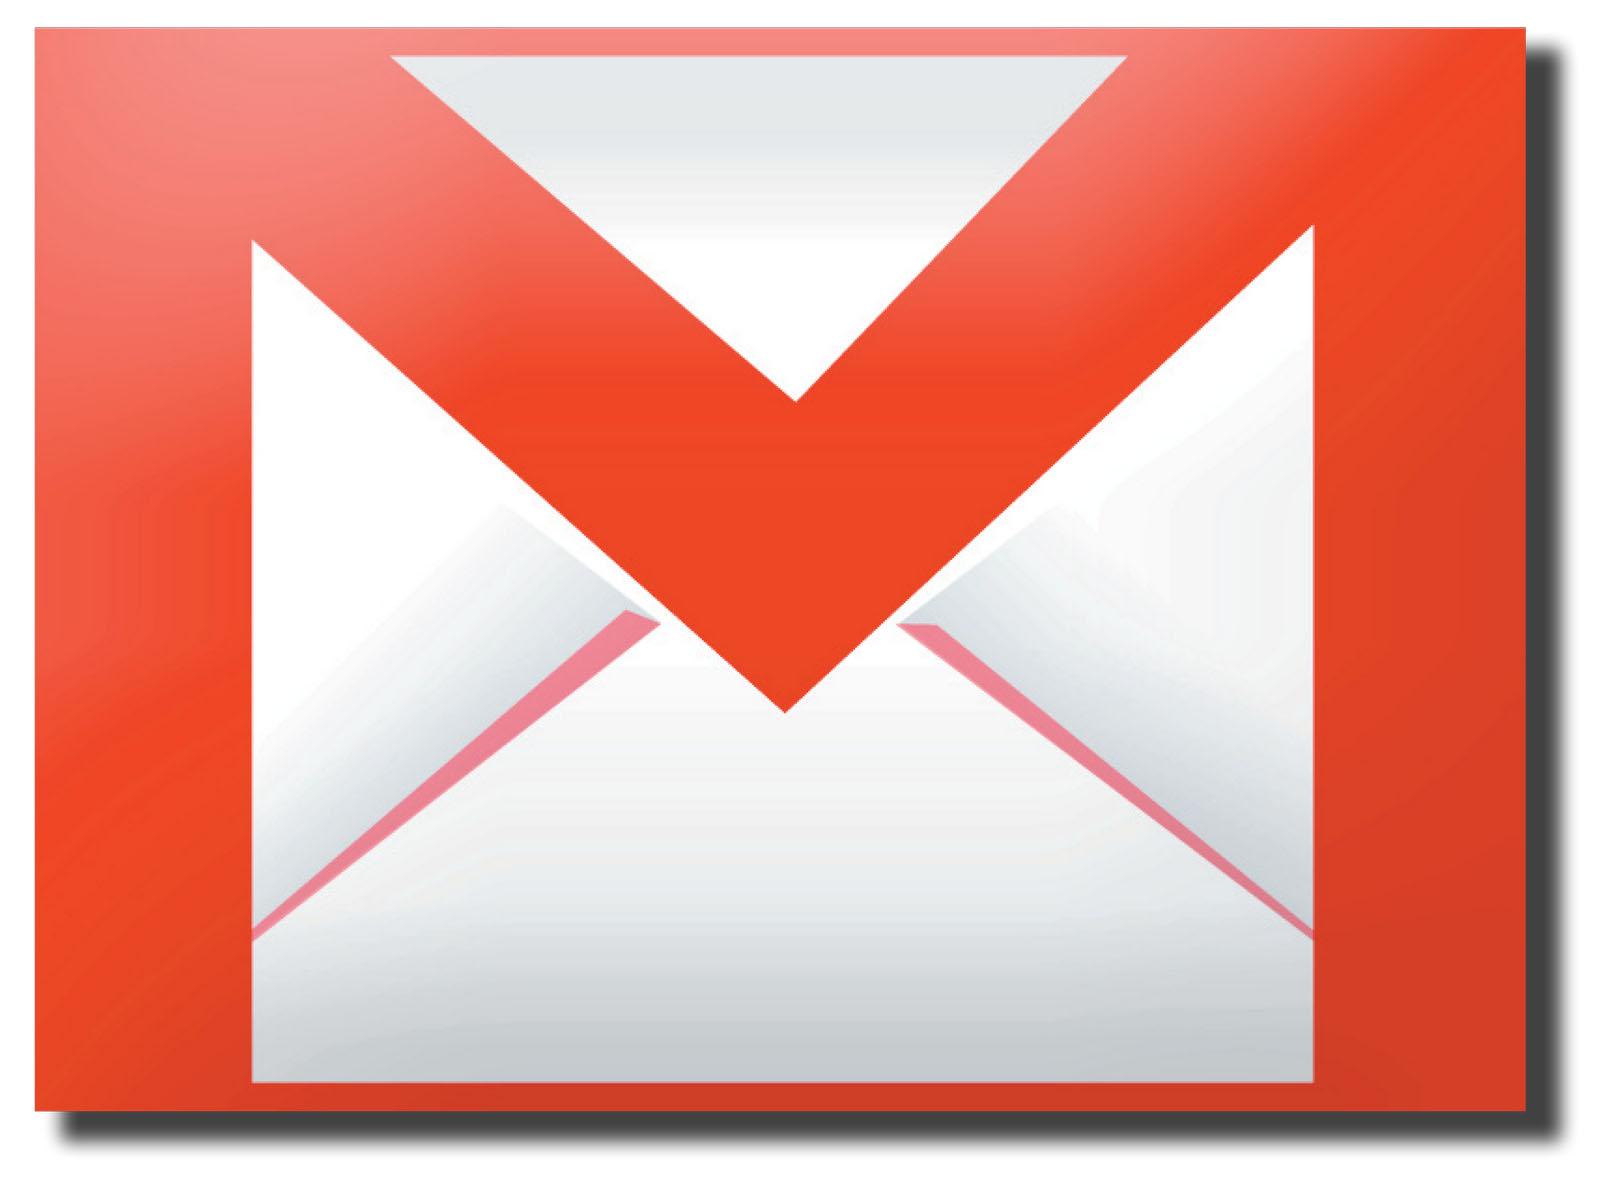 Ricercatori trovano il modo per hackeare Gmail